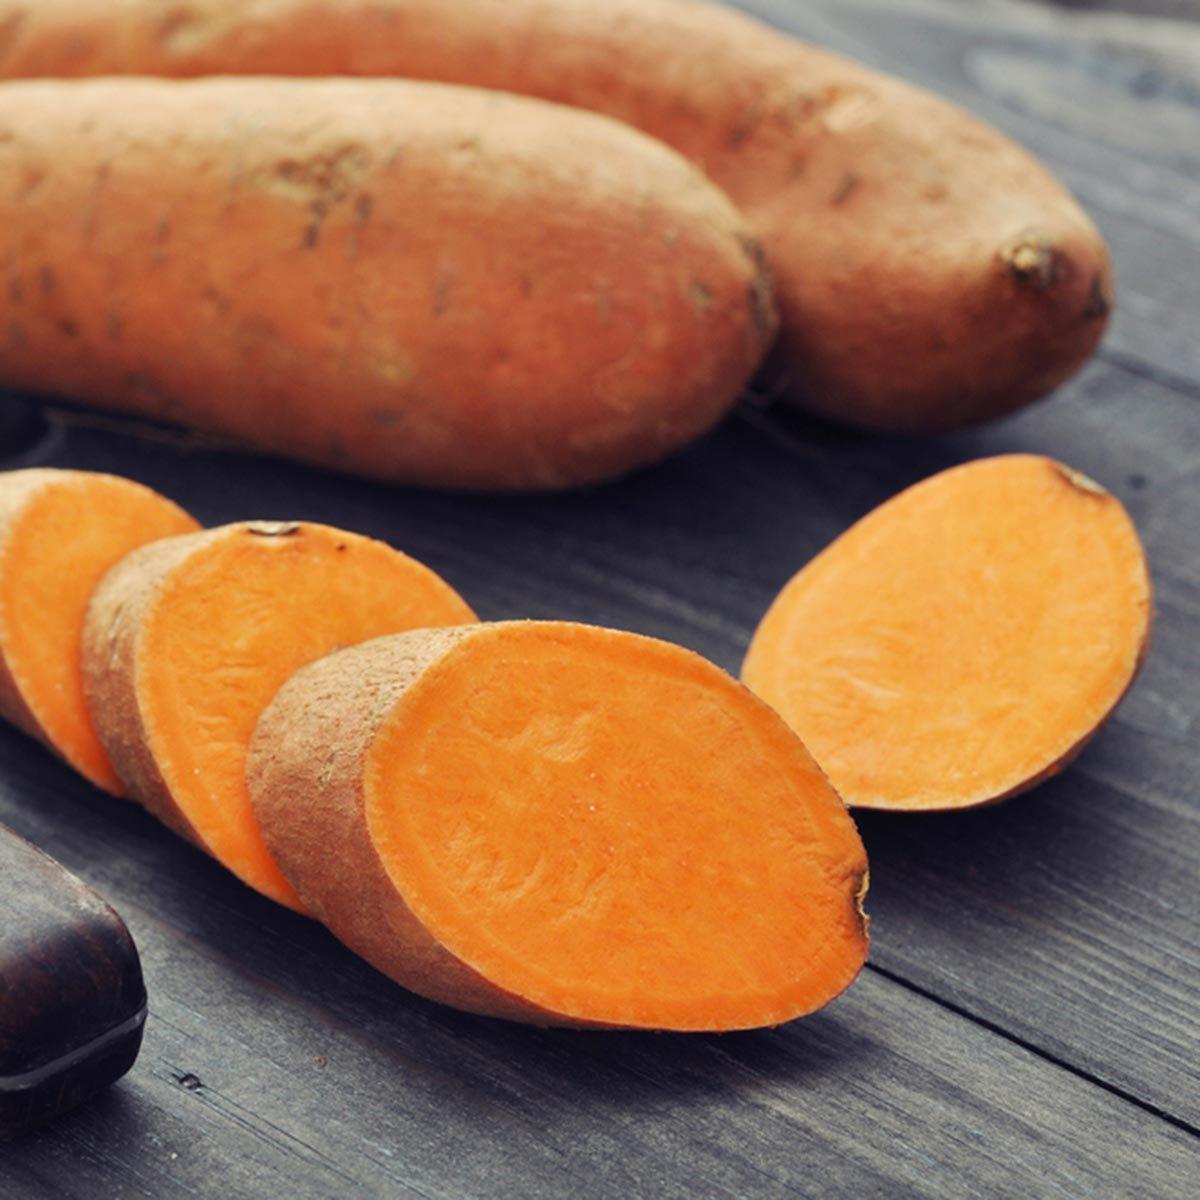 Les meilleurs aliments pour avoir une belle peau : la patate douce.